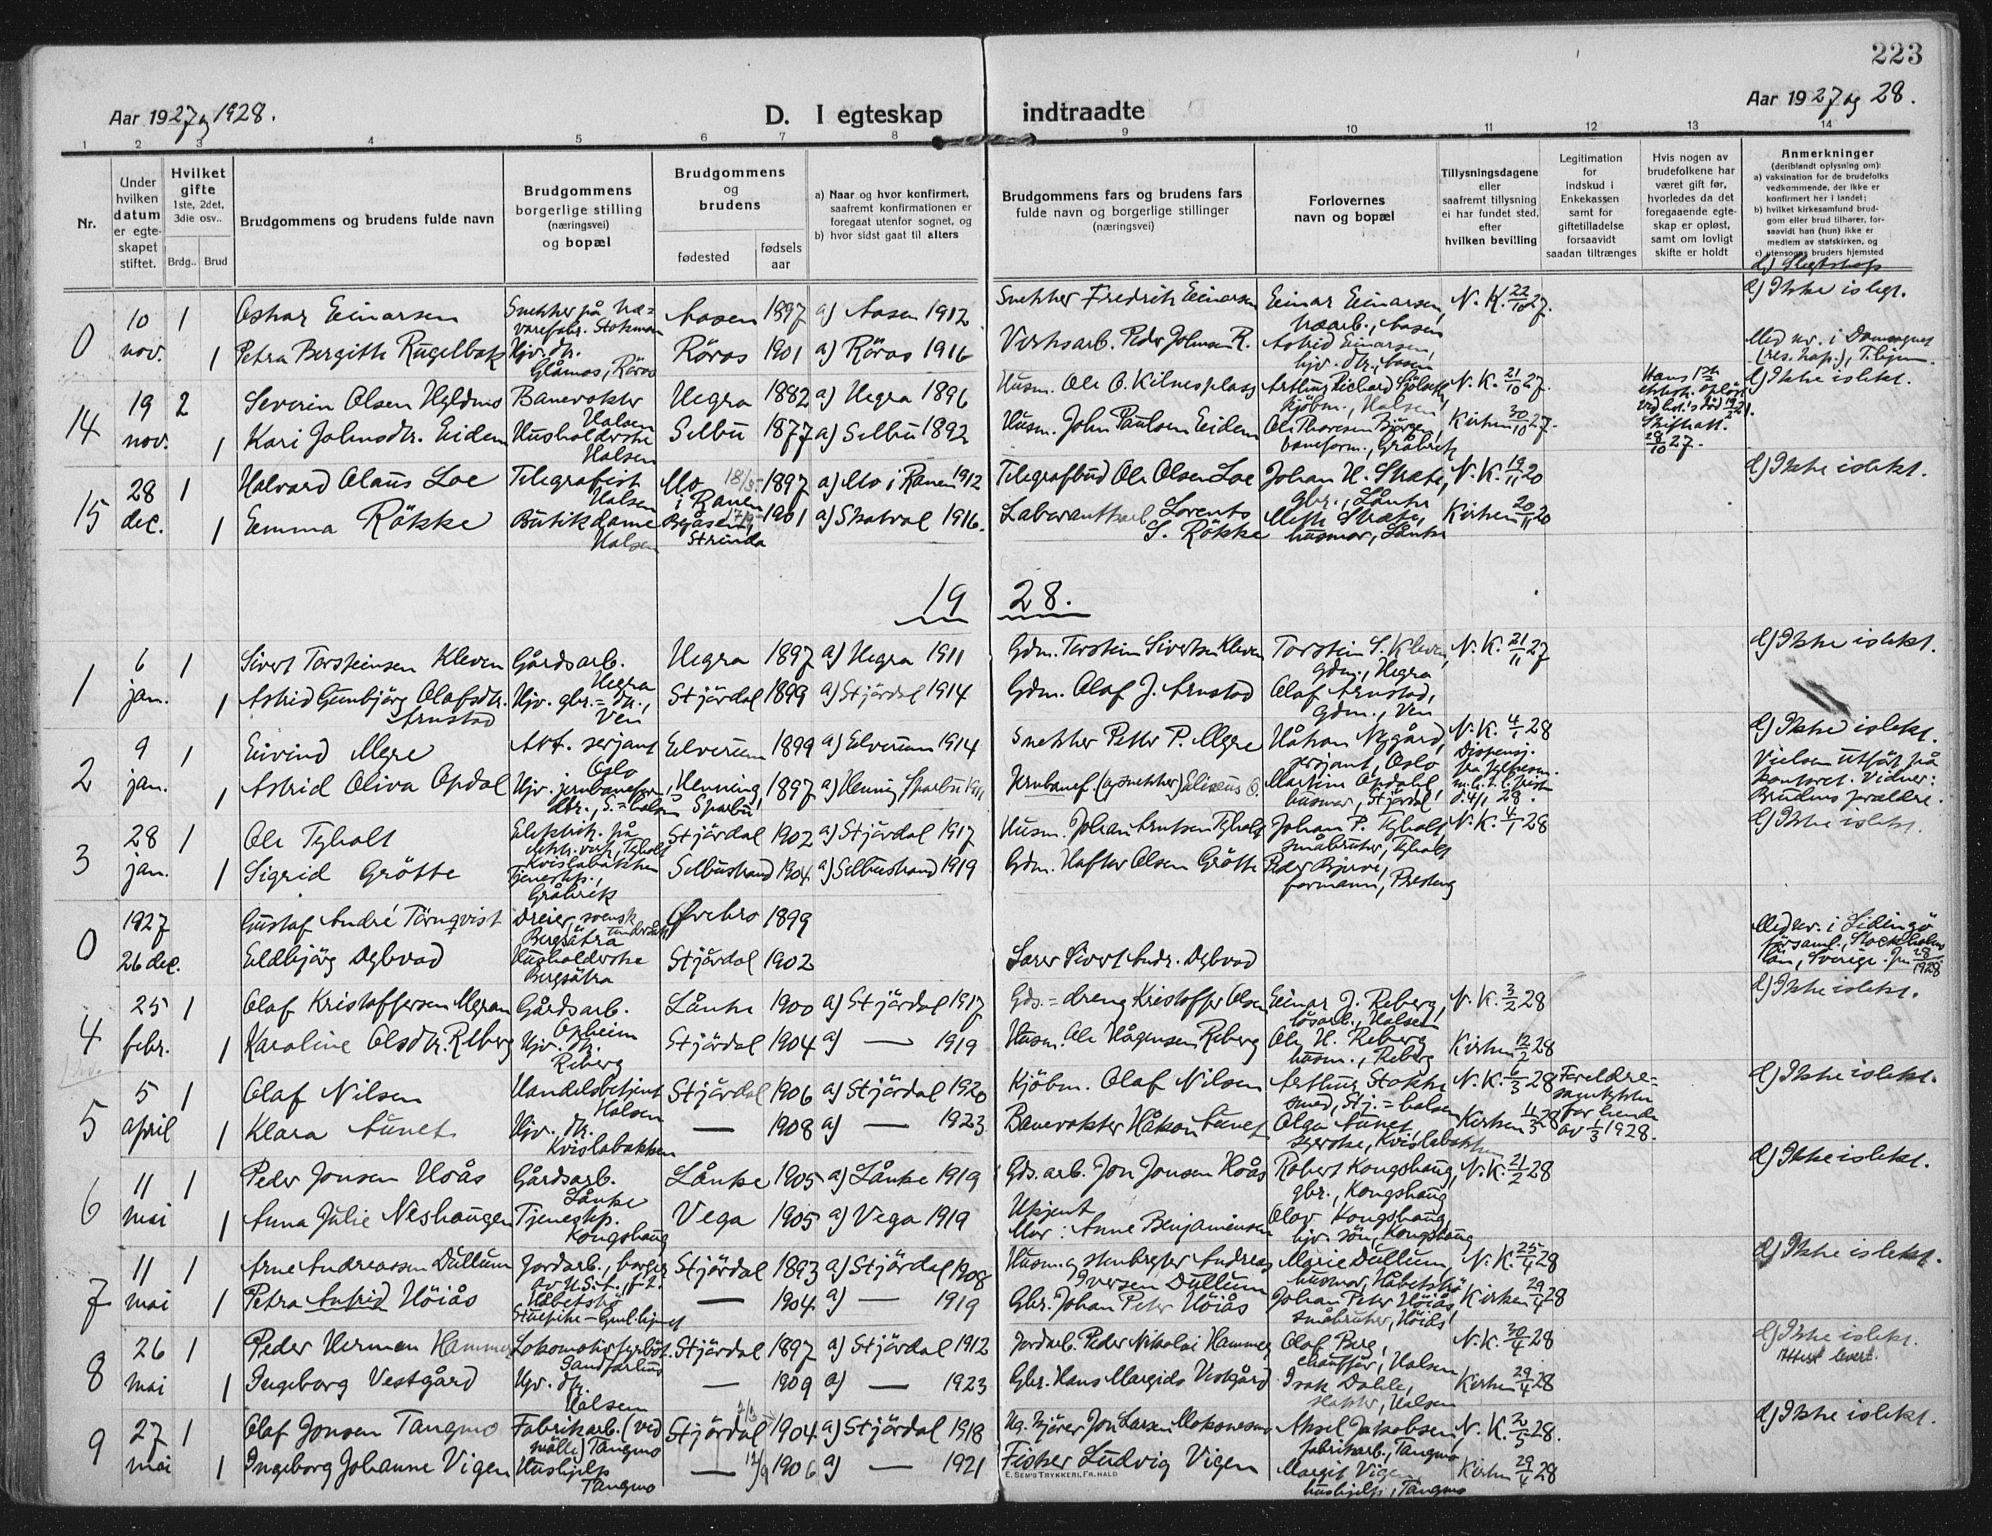 SAT, Ministerialprotokoller, klokkerbøker og fødselsregistre - Nord-Trøndelag, 709/L0083: Ministerialbok nr. 709A23, 1916-1928, s. 223